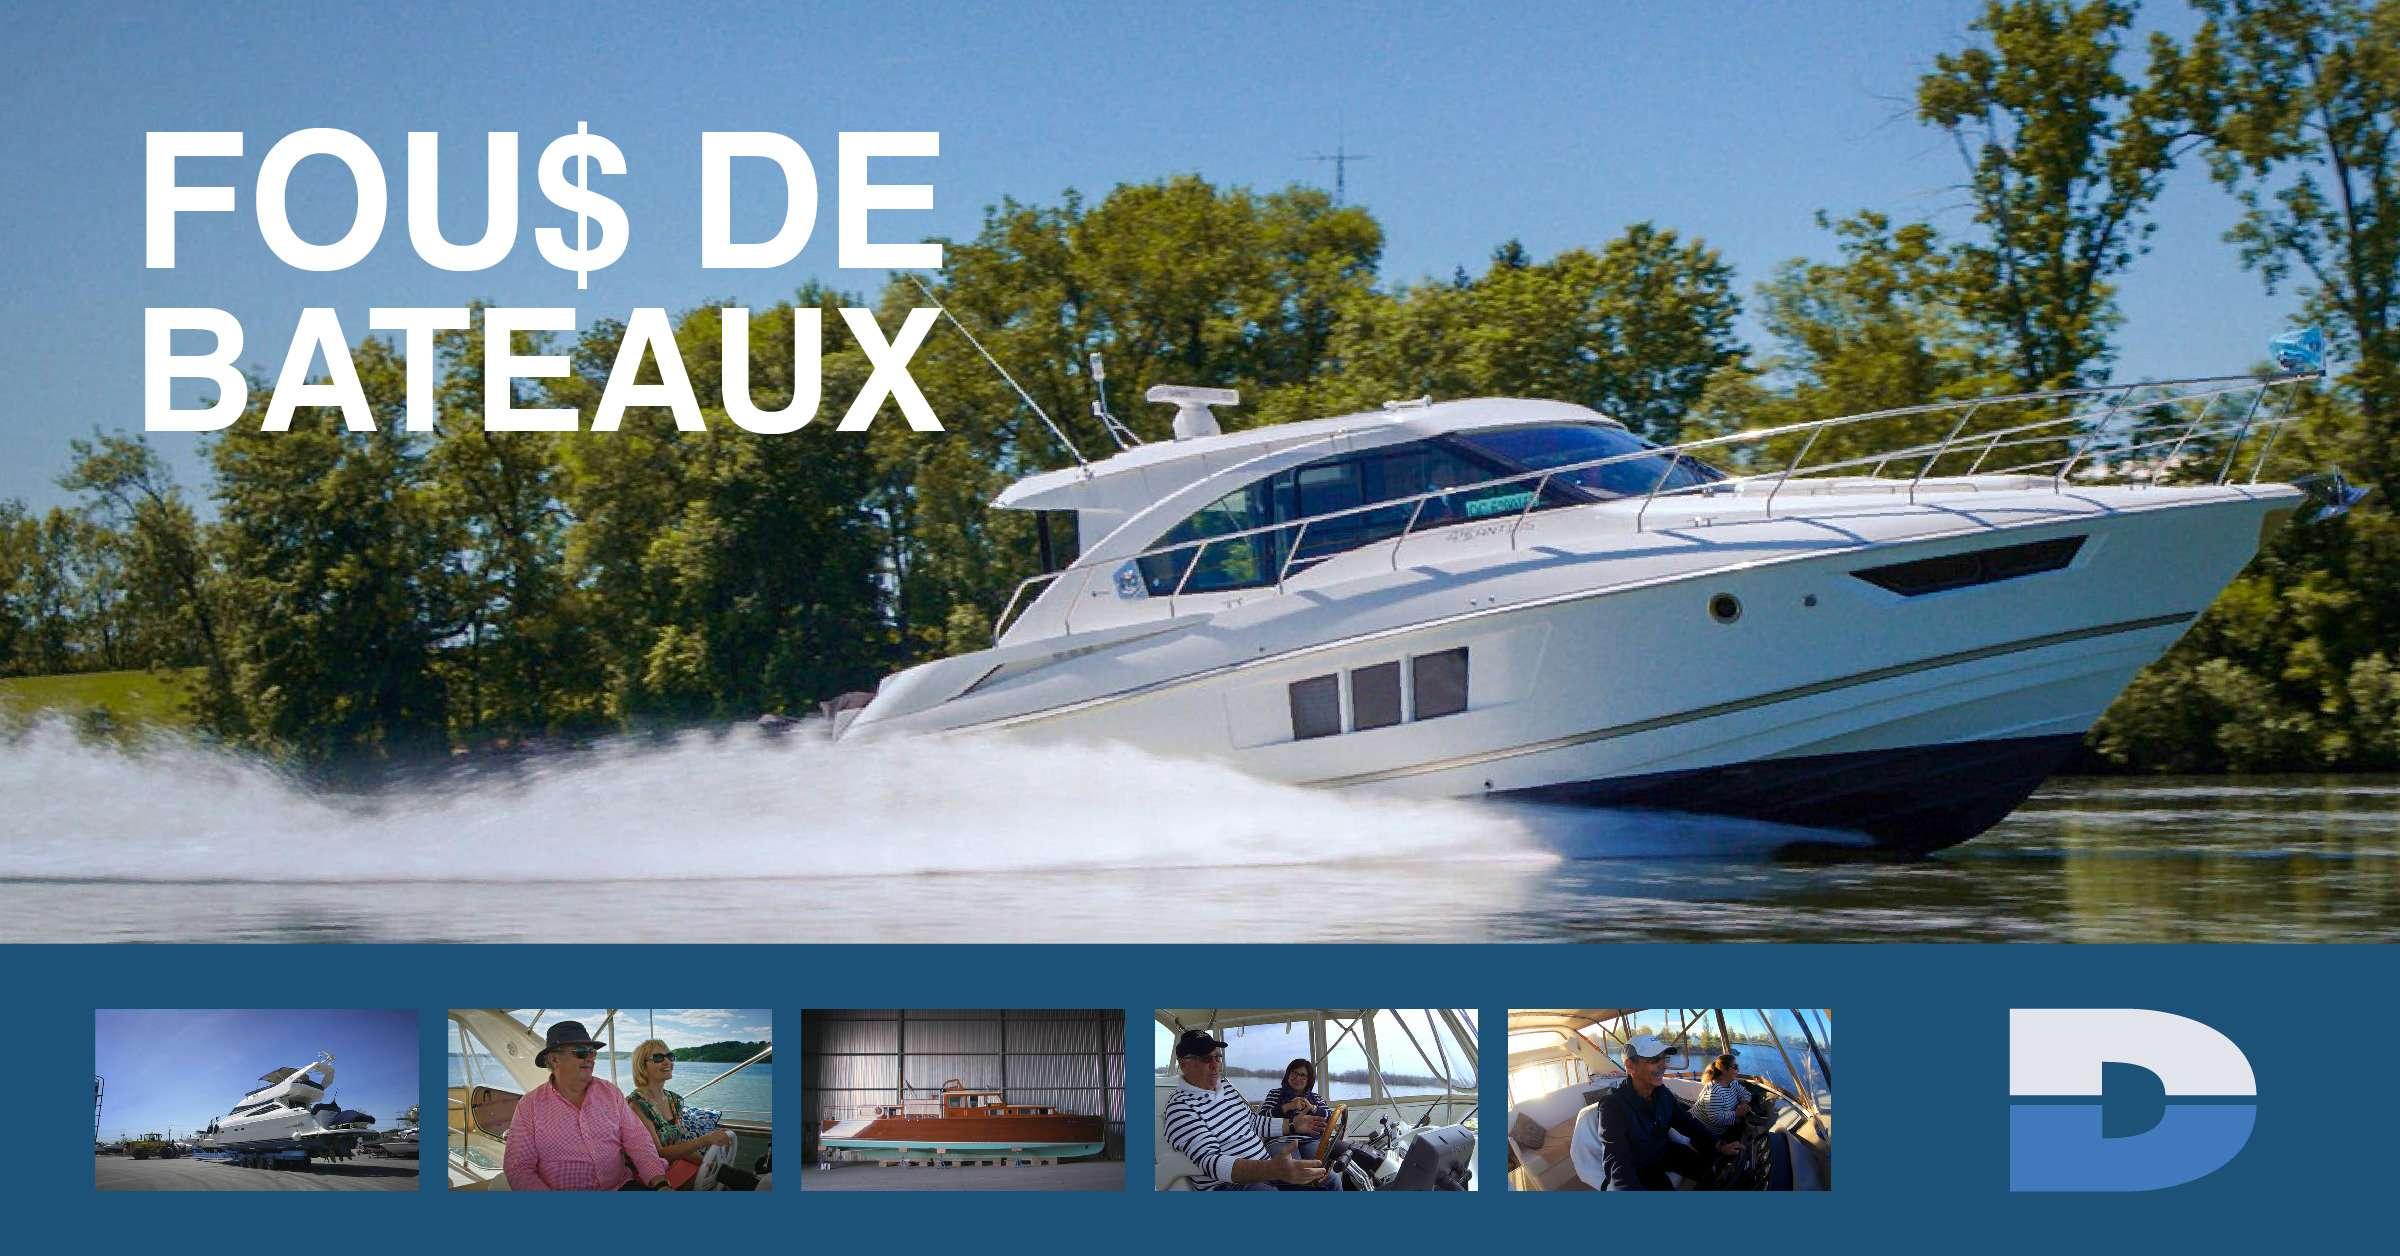 Toujours aussi FOU$ DE BATEAUX depuis 1988 !